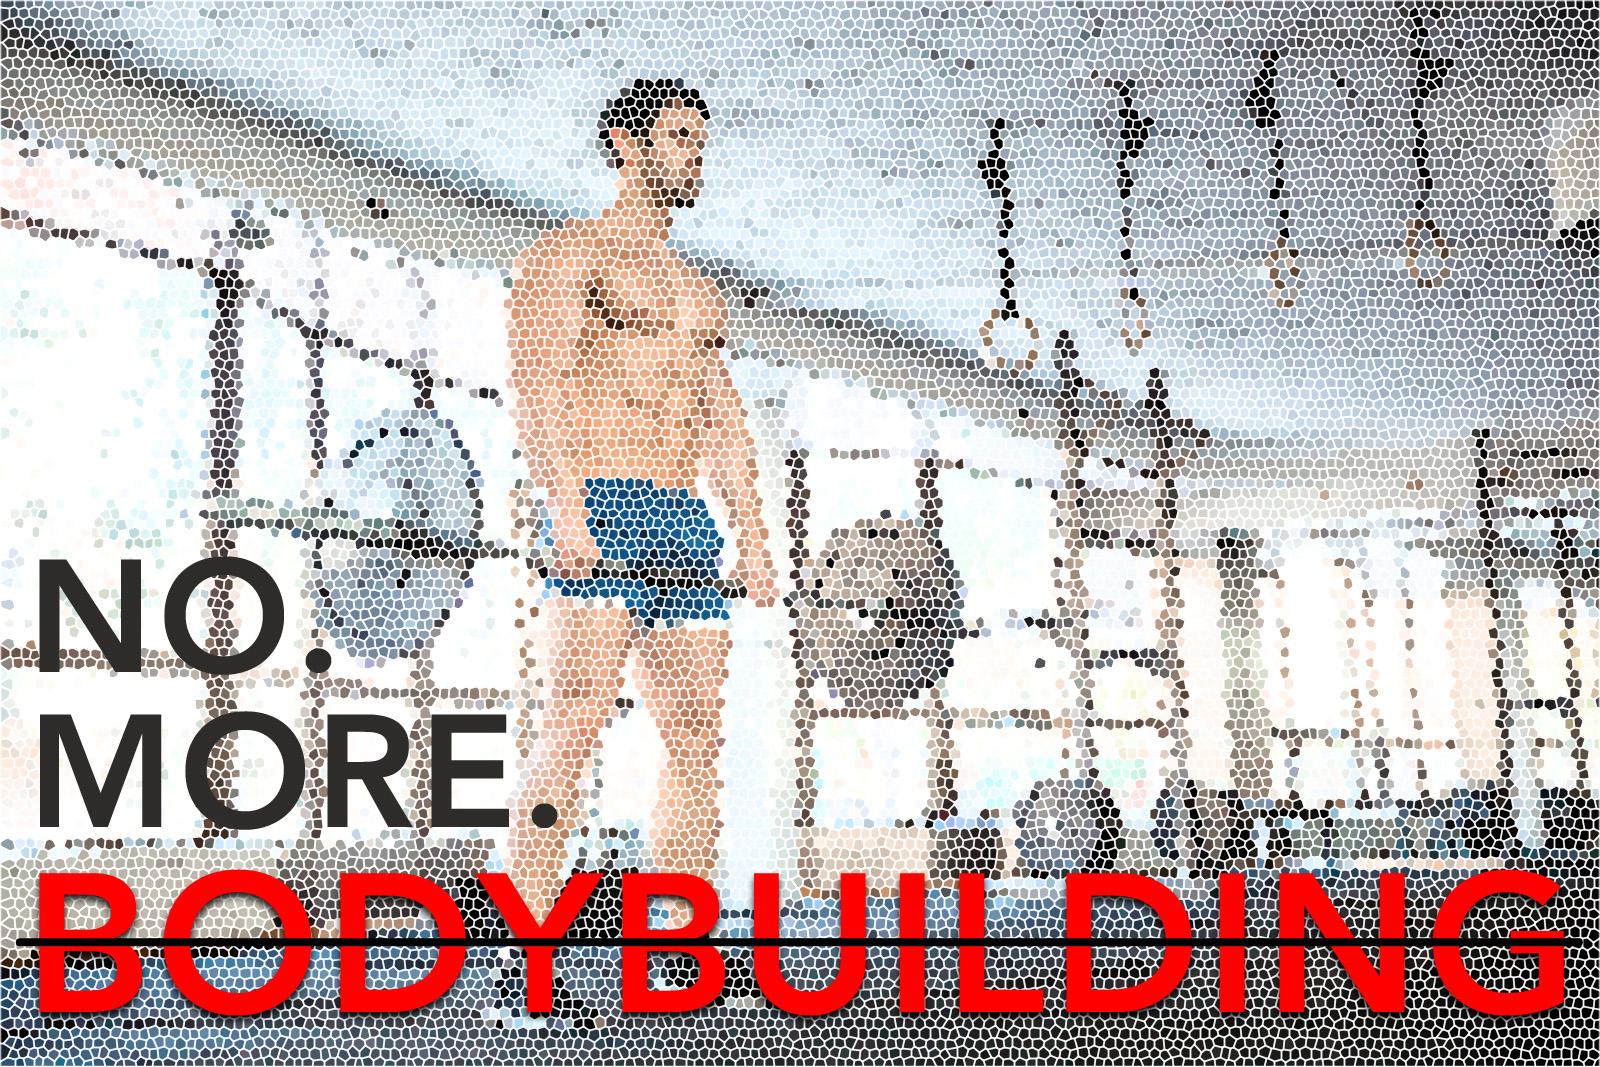 No More Bodybuilding.